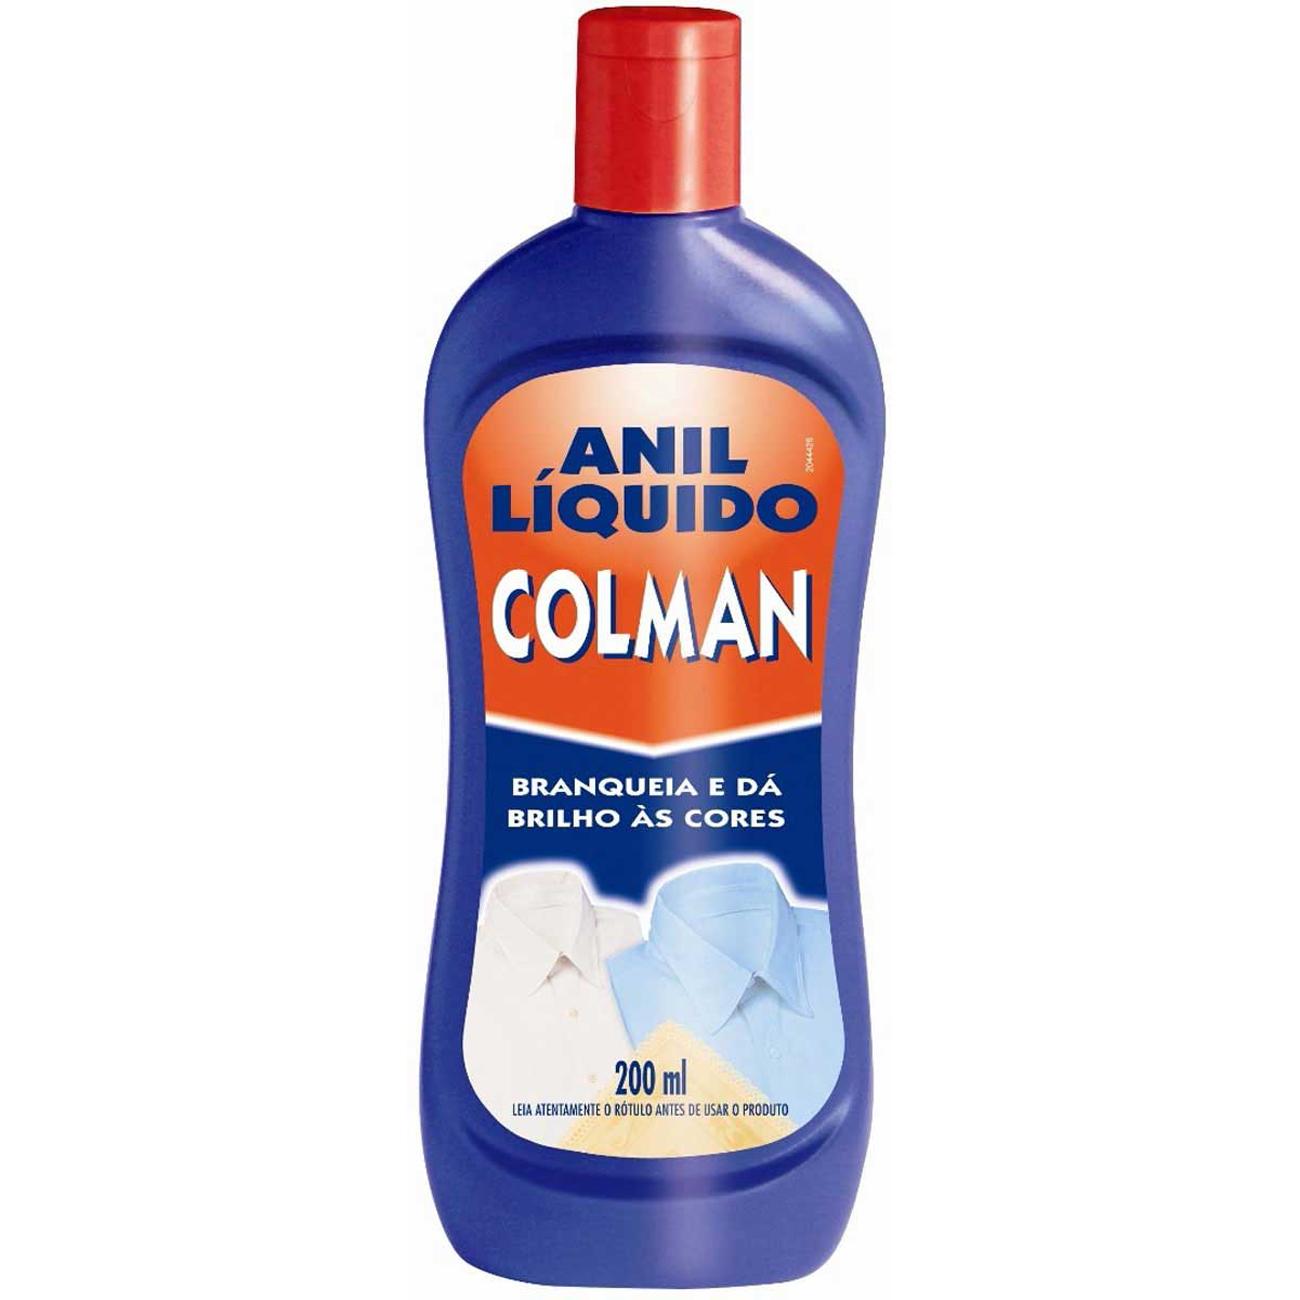 Anil Liquido Colman 200Ml